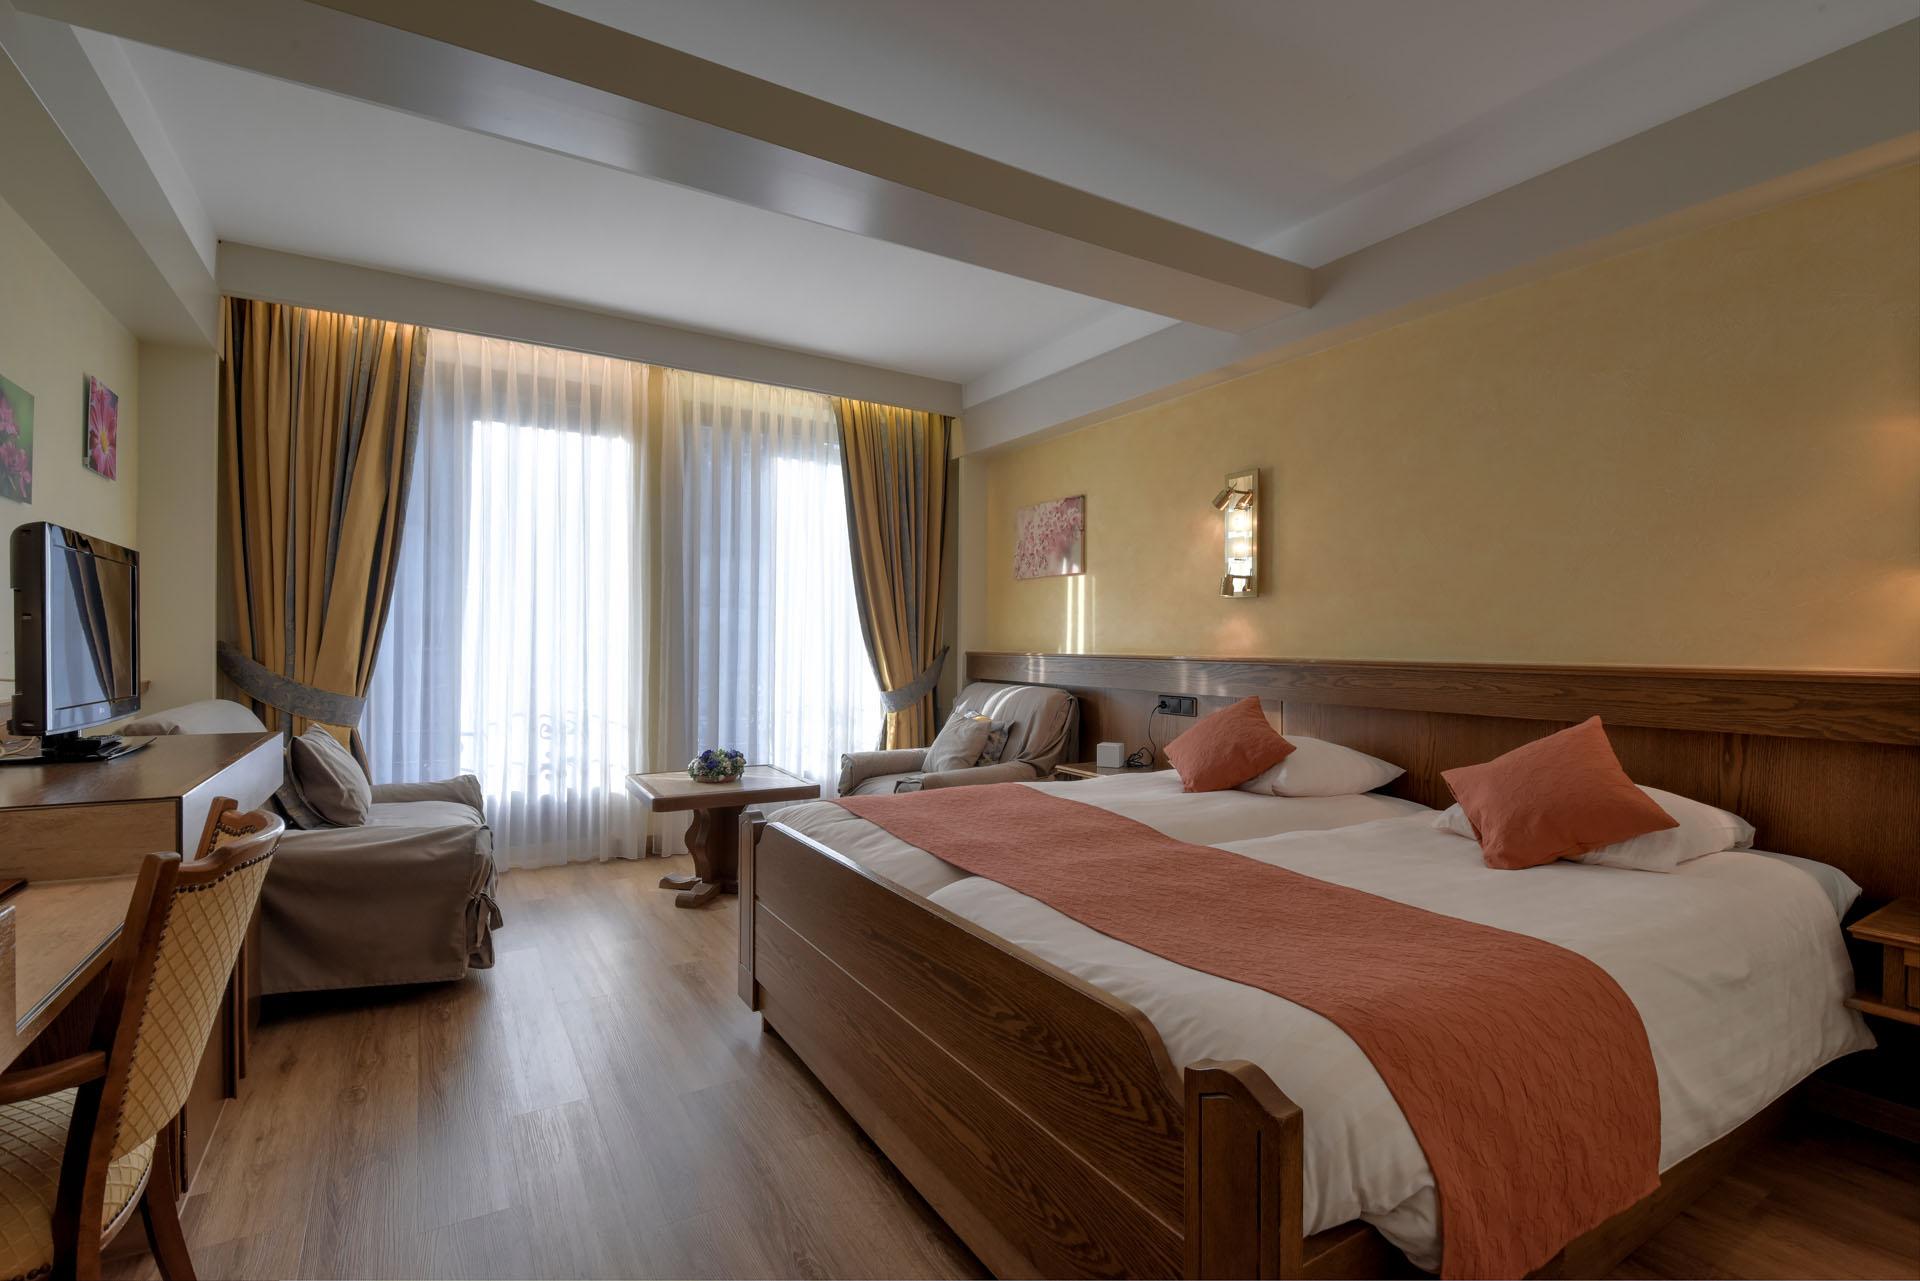 Kamers - Hotel Brimer